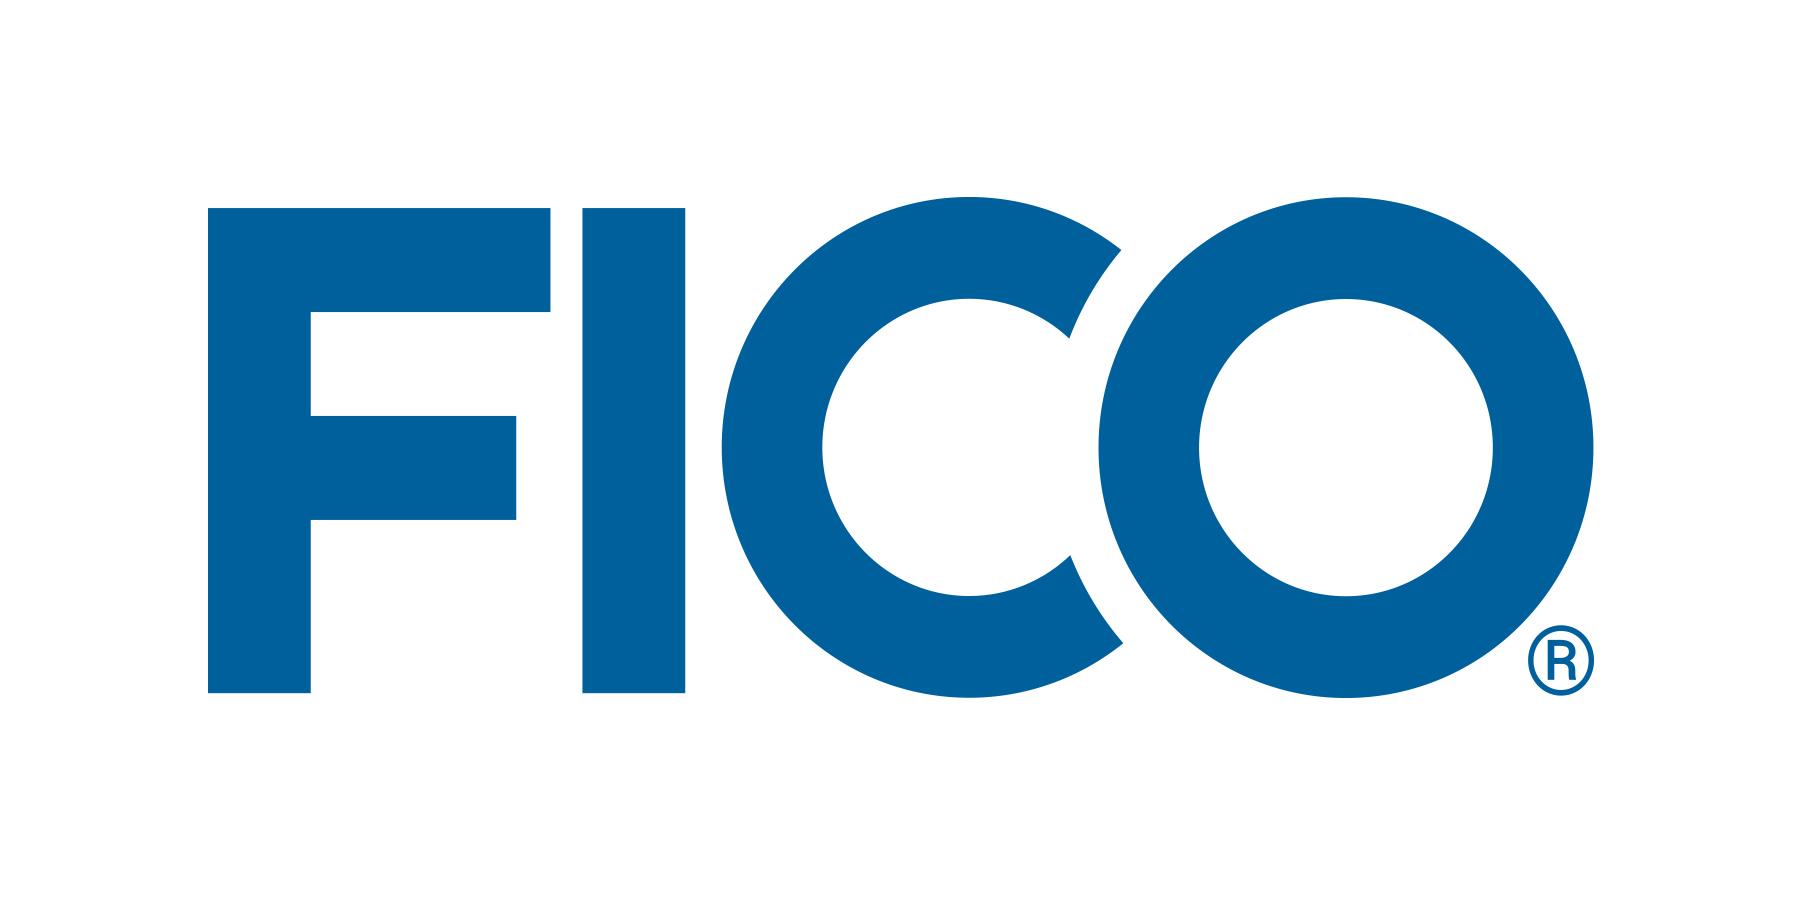 FICO_LG_BLUE